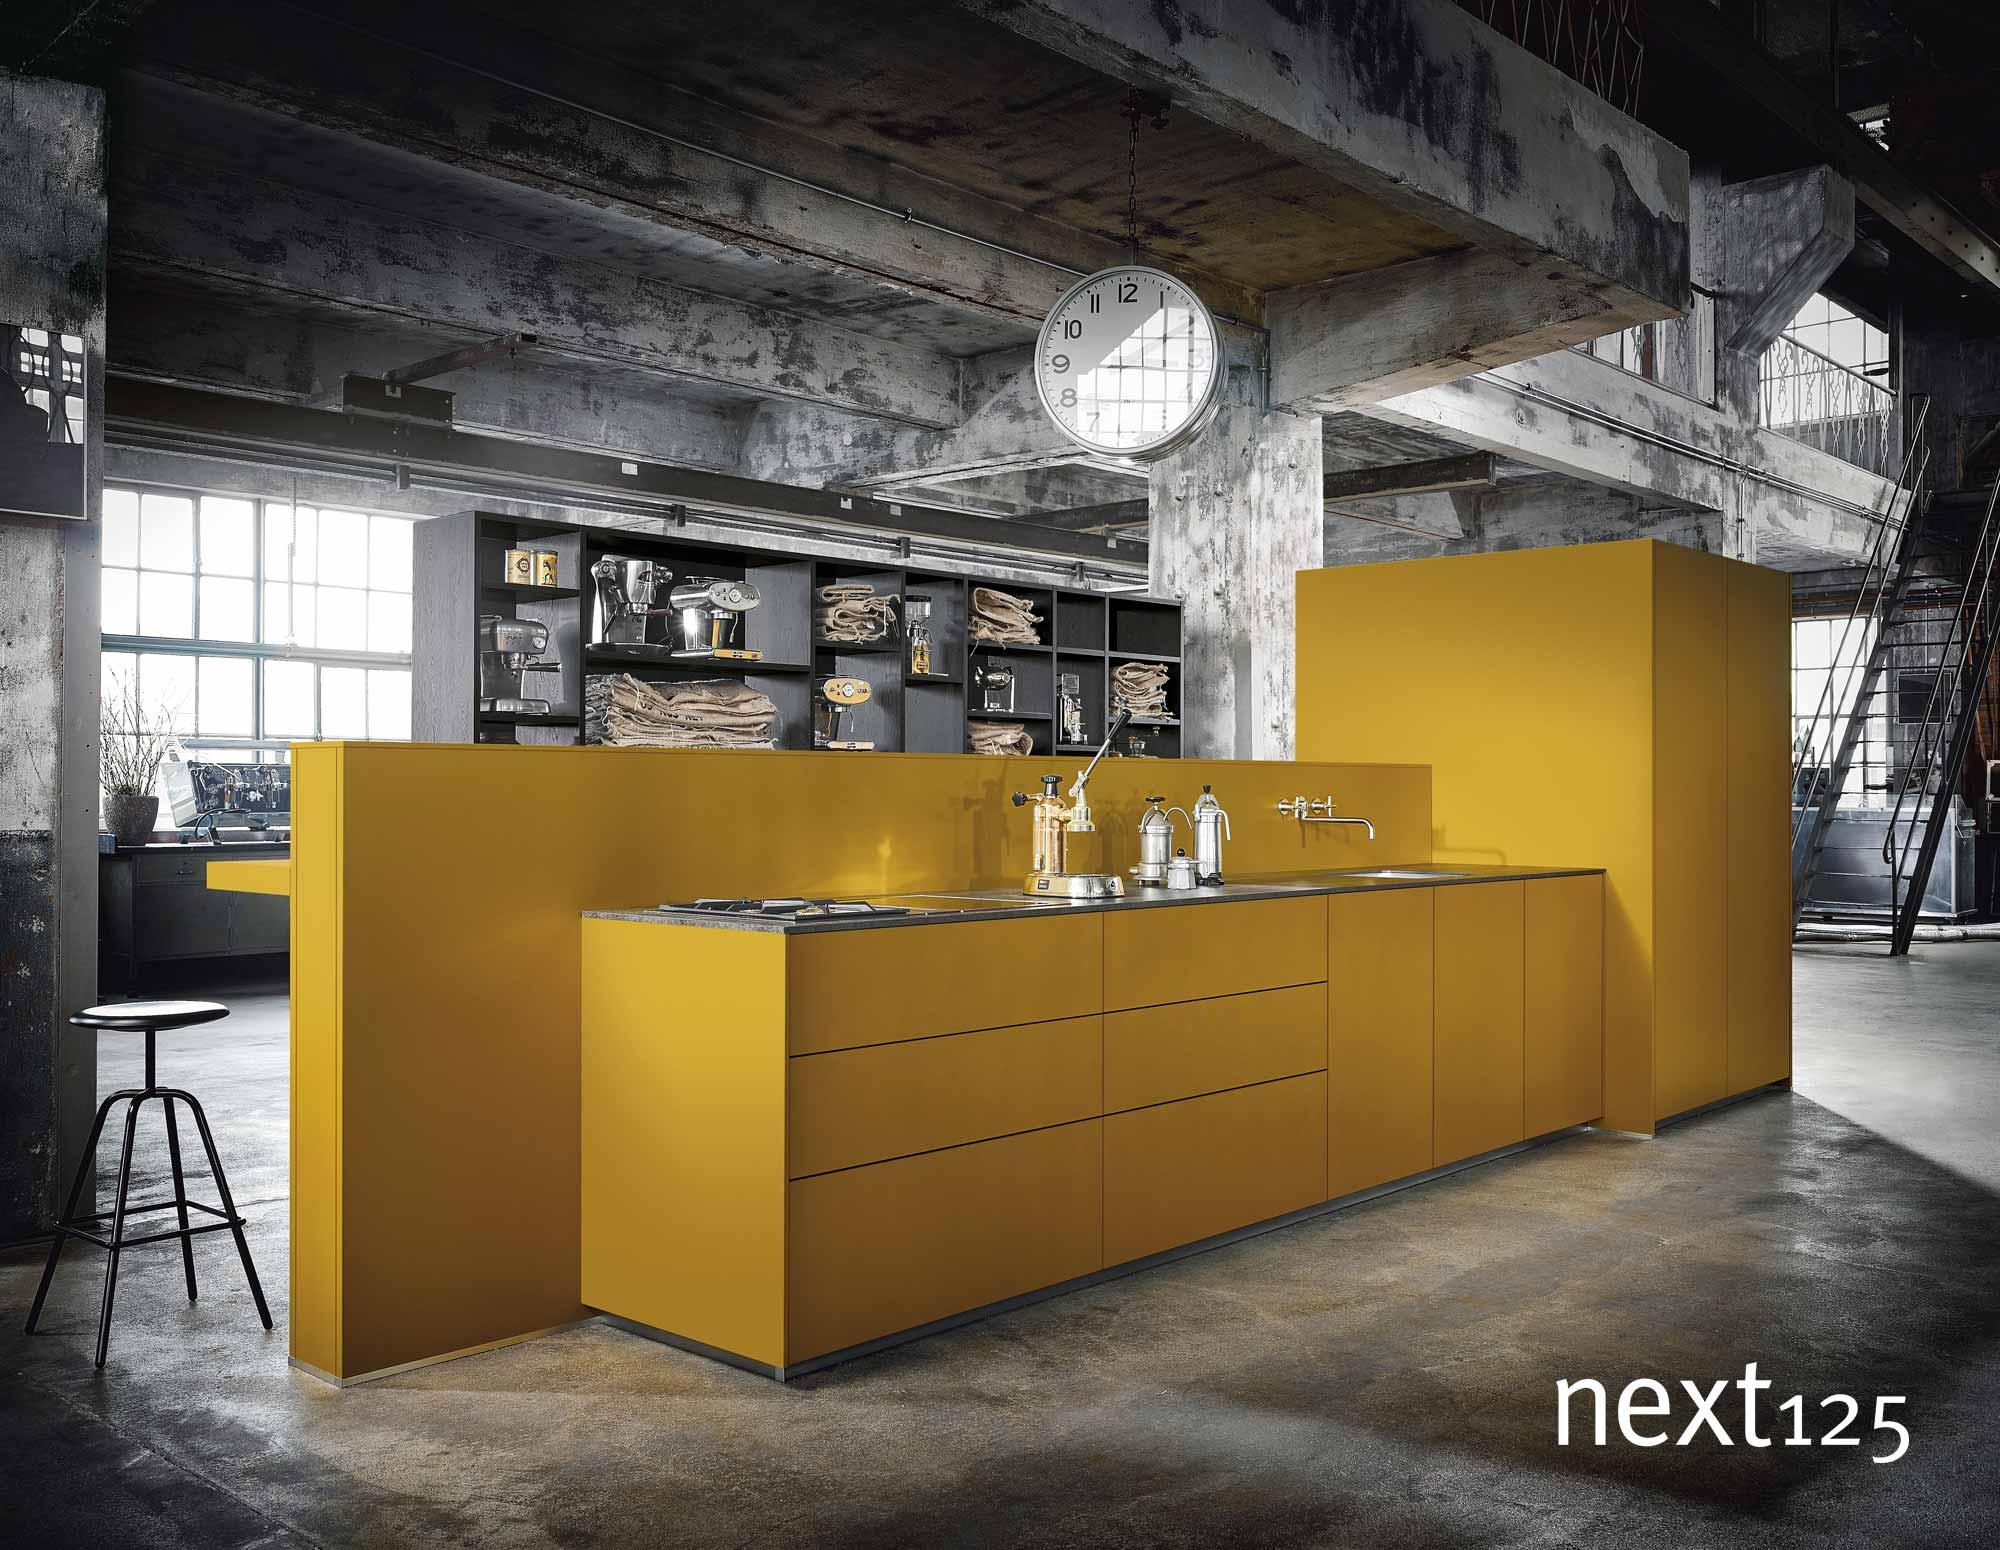 next125 Küche Satinlack-Front nx500 in gelb